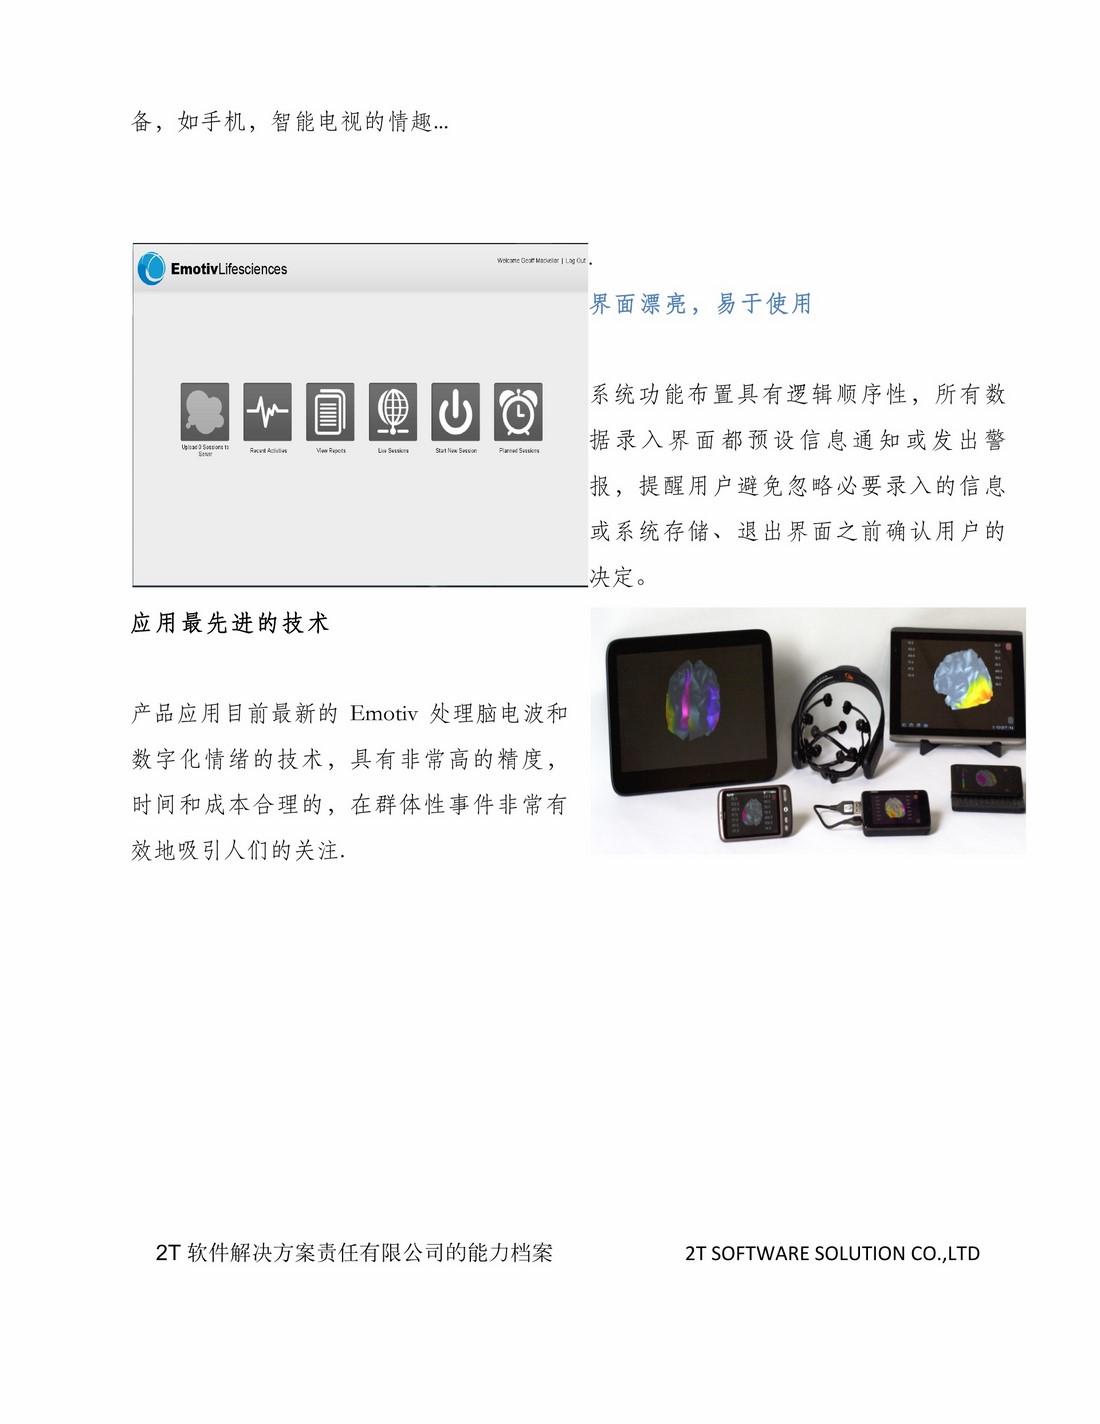 PDFtoJPG.me-28 (Copy)